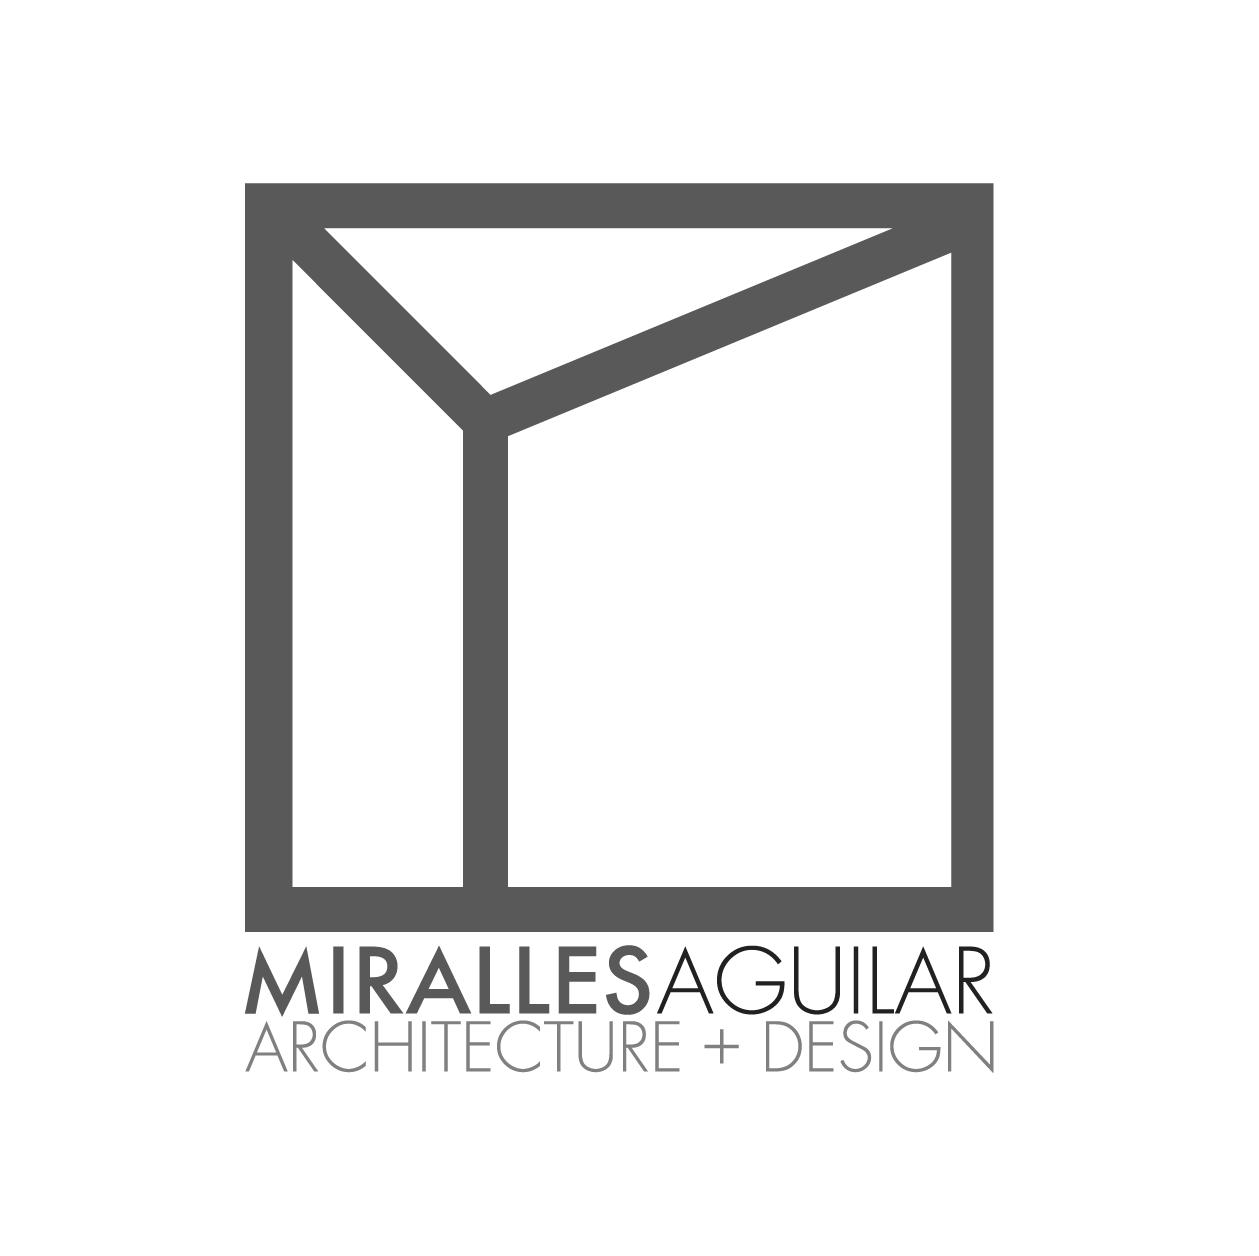 Manuel Miralles Aguilar - Dzerostudio